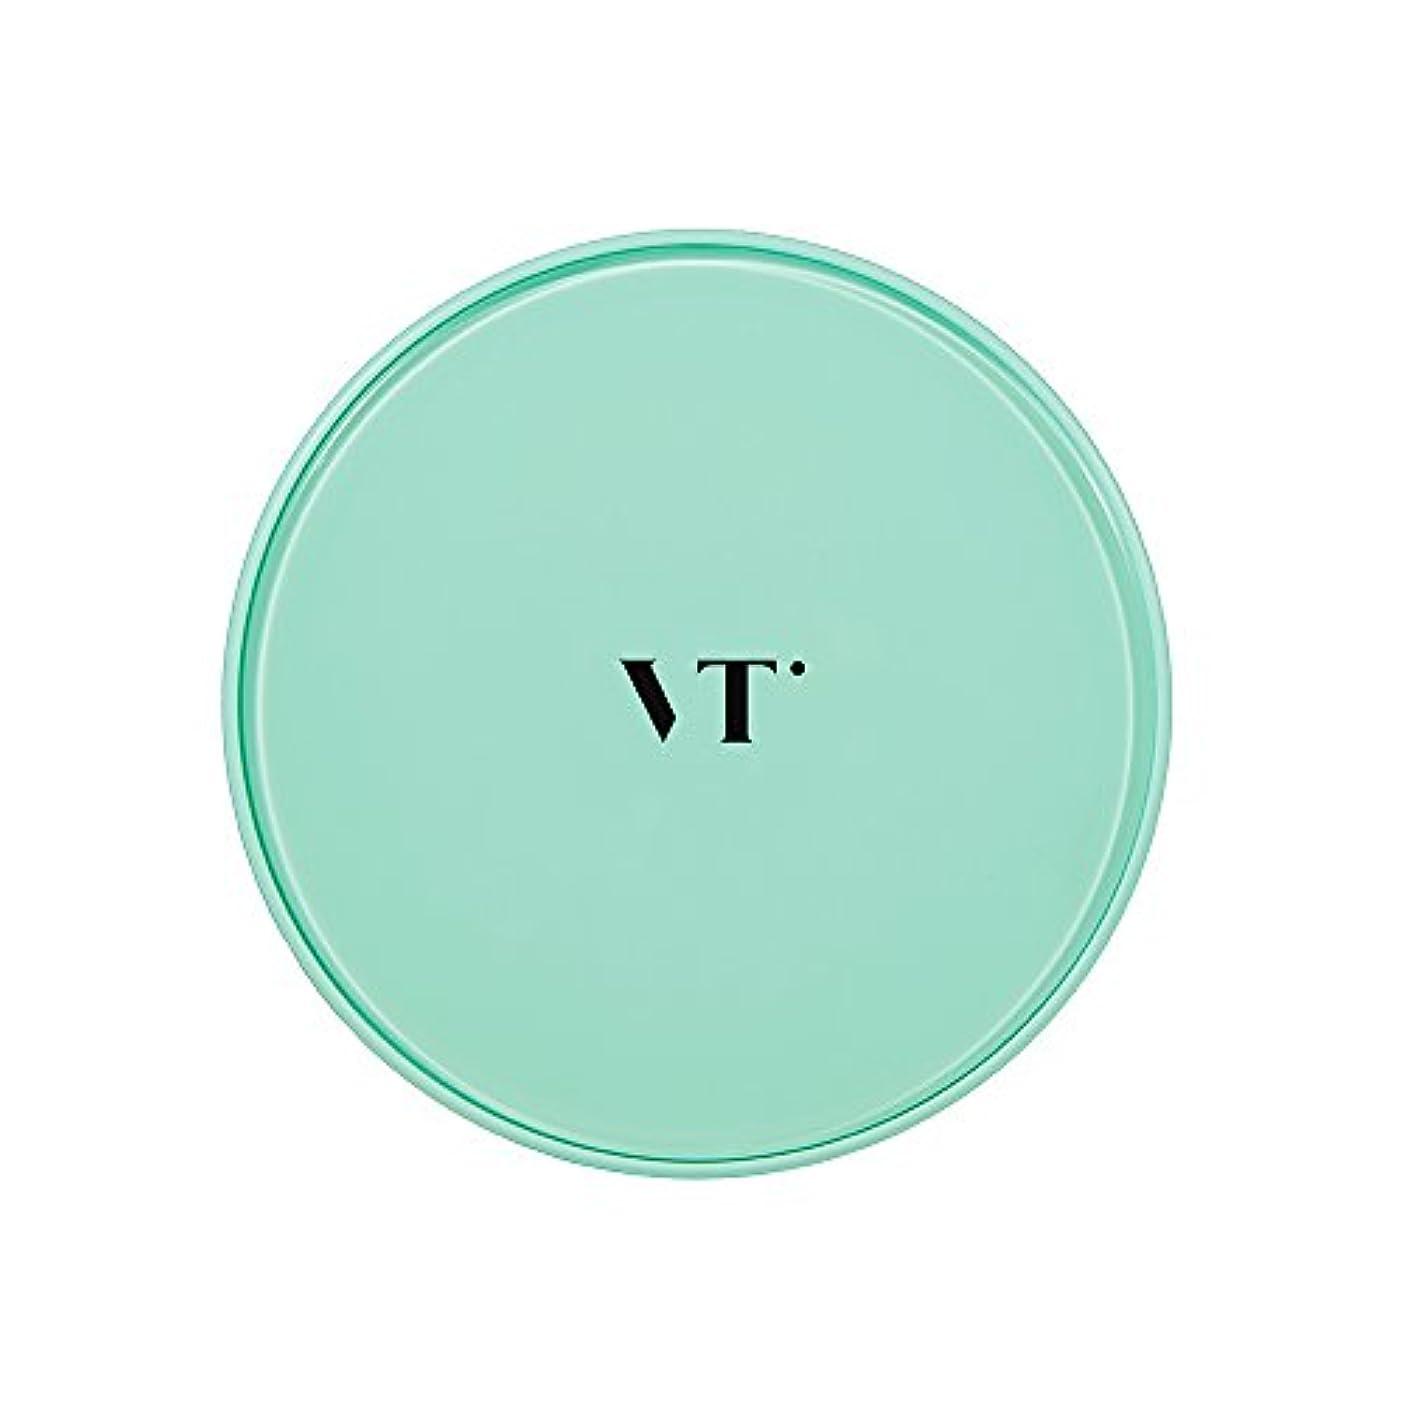 是正コテージふさわしいVT フィト立ったクッション SPF50+ PA++++ 11g/VT Phyto Sun Cushion [並行輸入品]